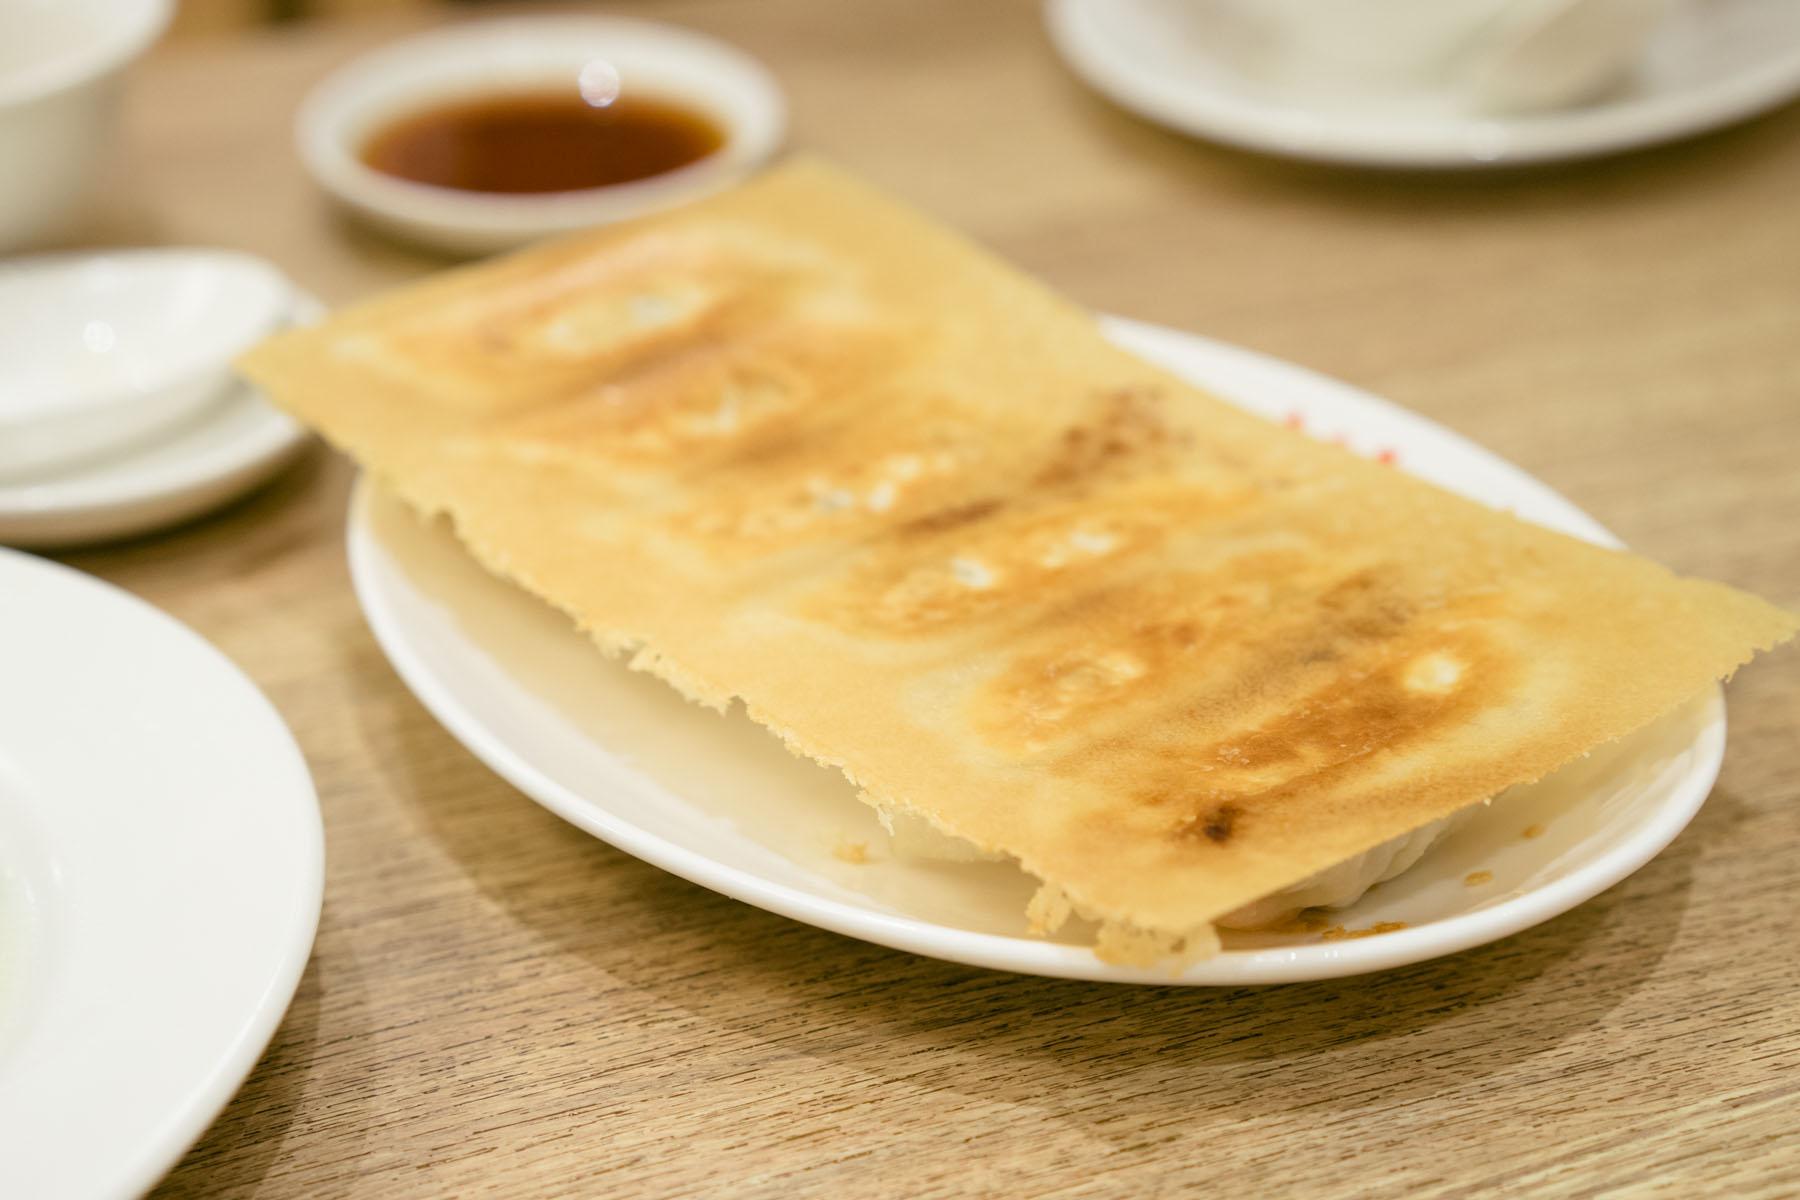 original-din-tai-fung-restaurant-taipei-taiwan-10